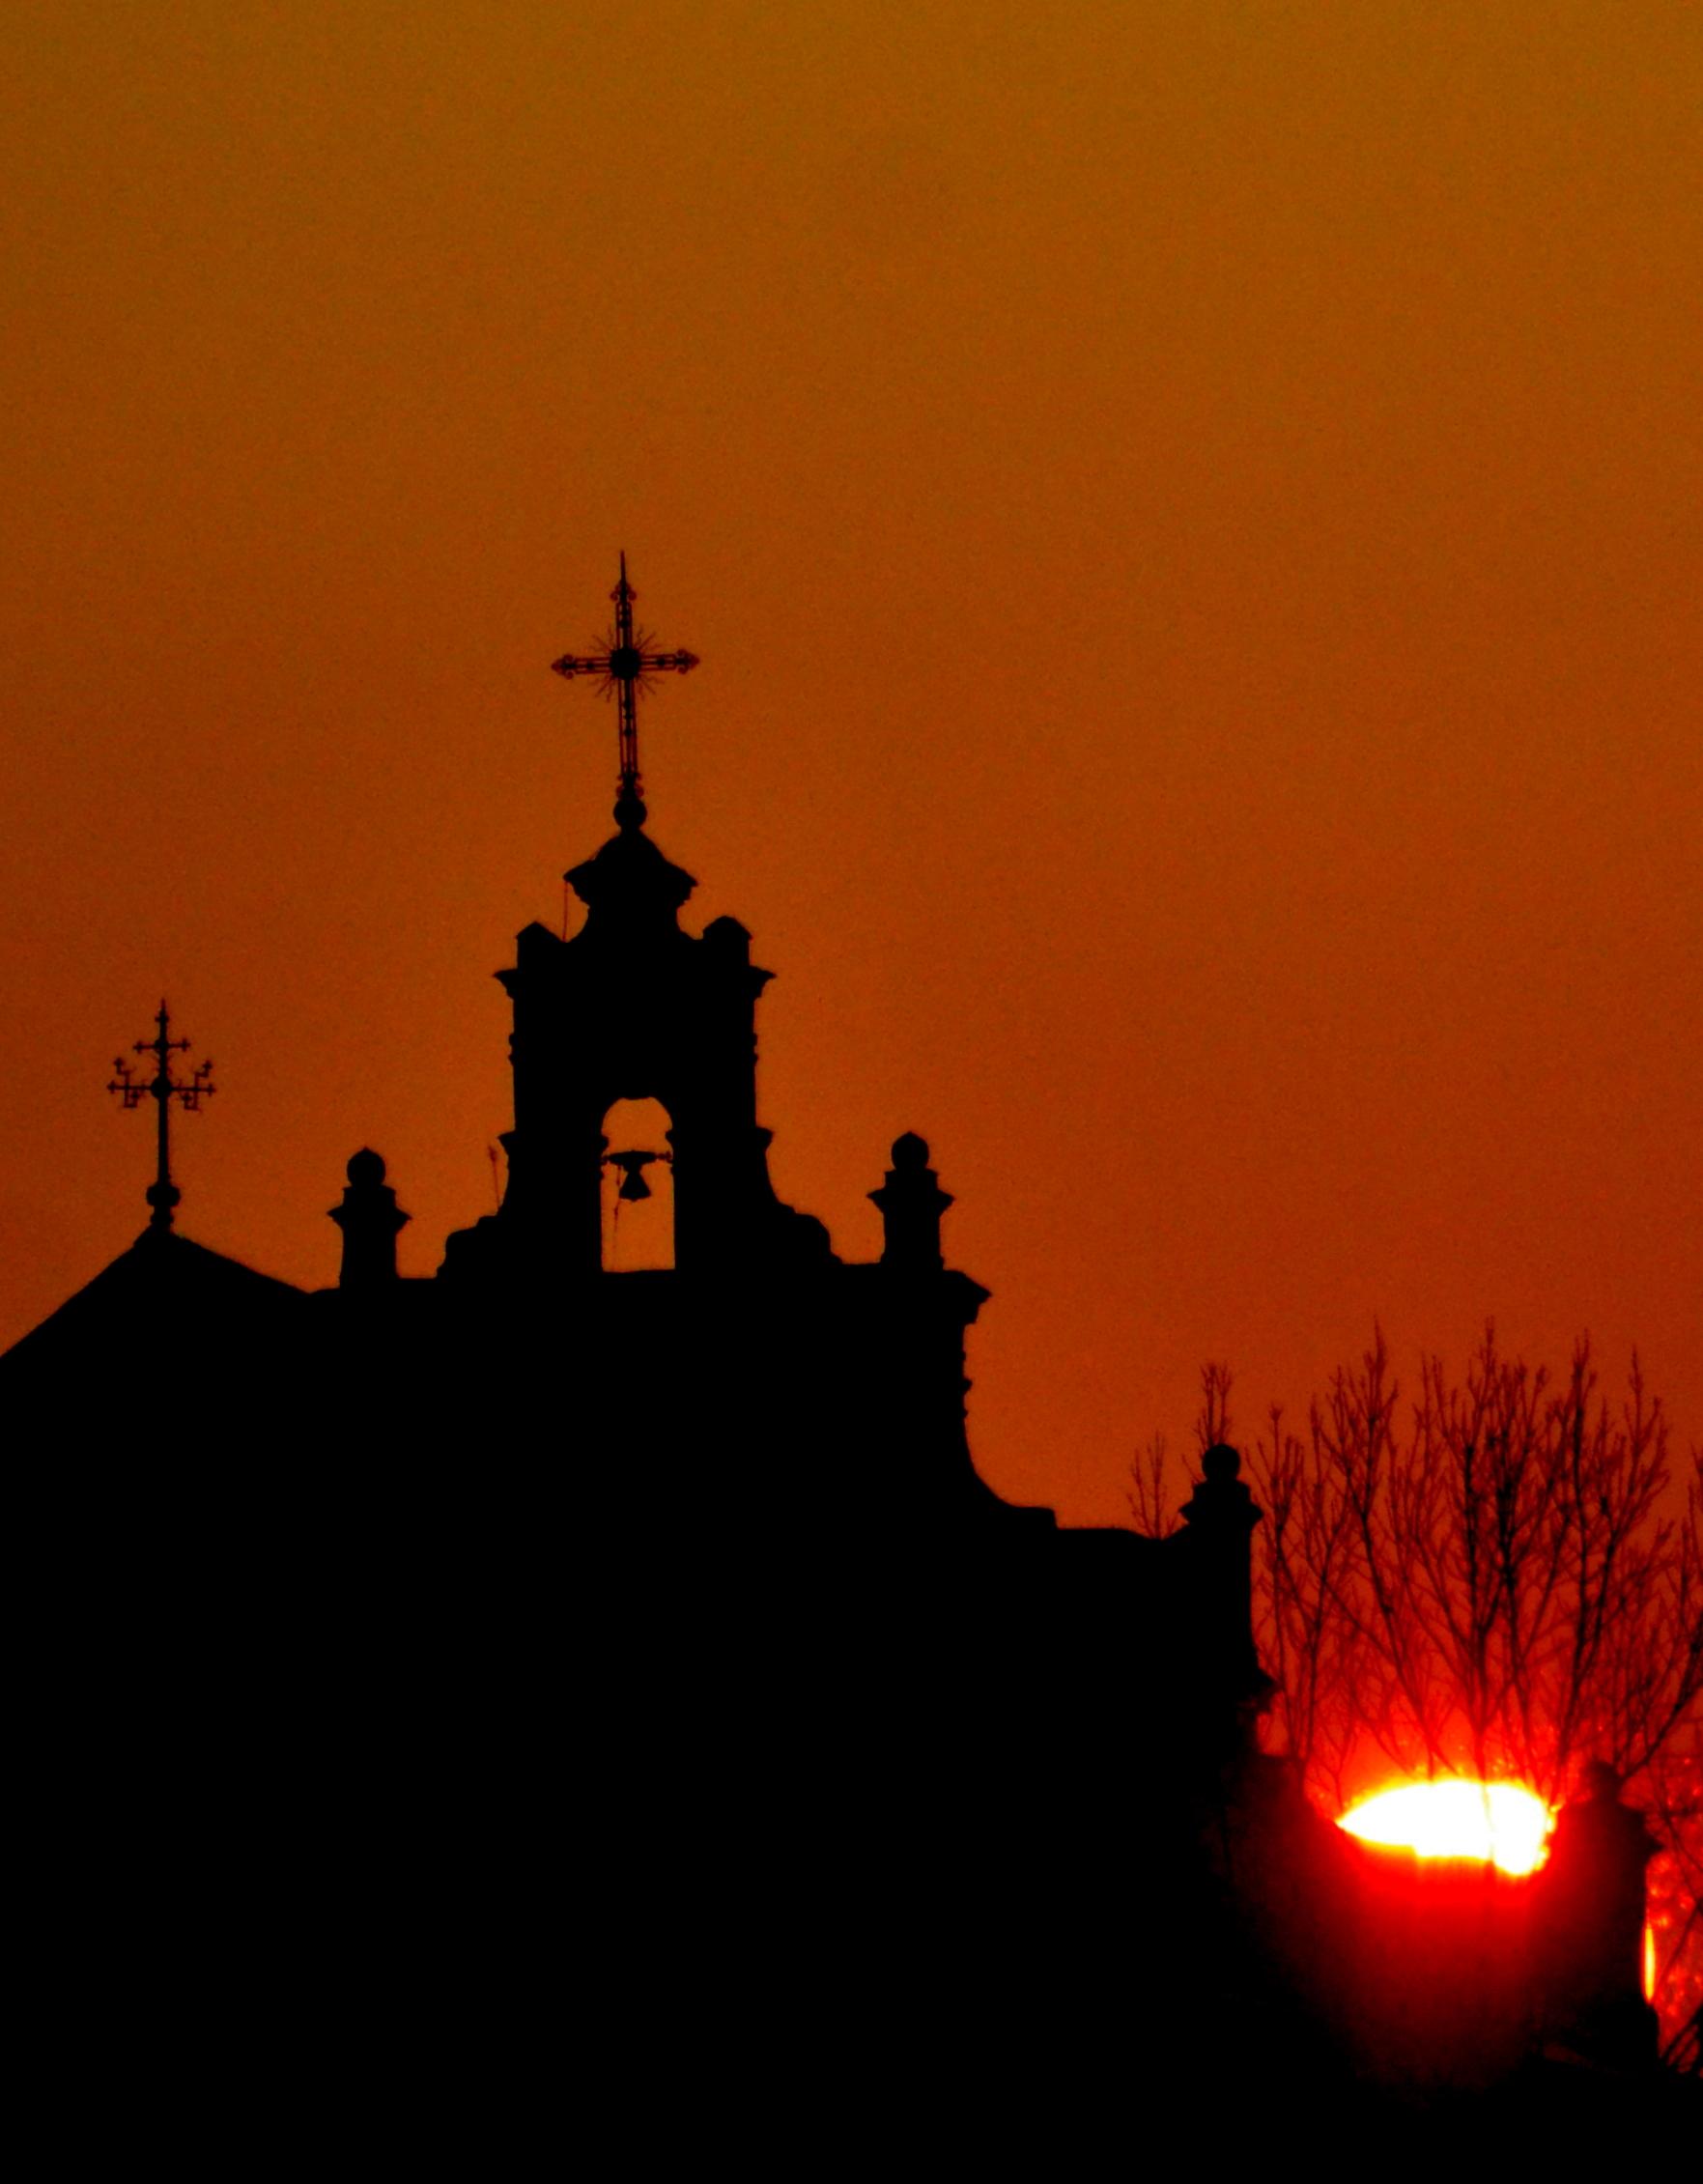 Kaitrą pranašaujančiame raudoname danguje matyti bažnyčios bokšto su kryžiais siluetas.